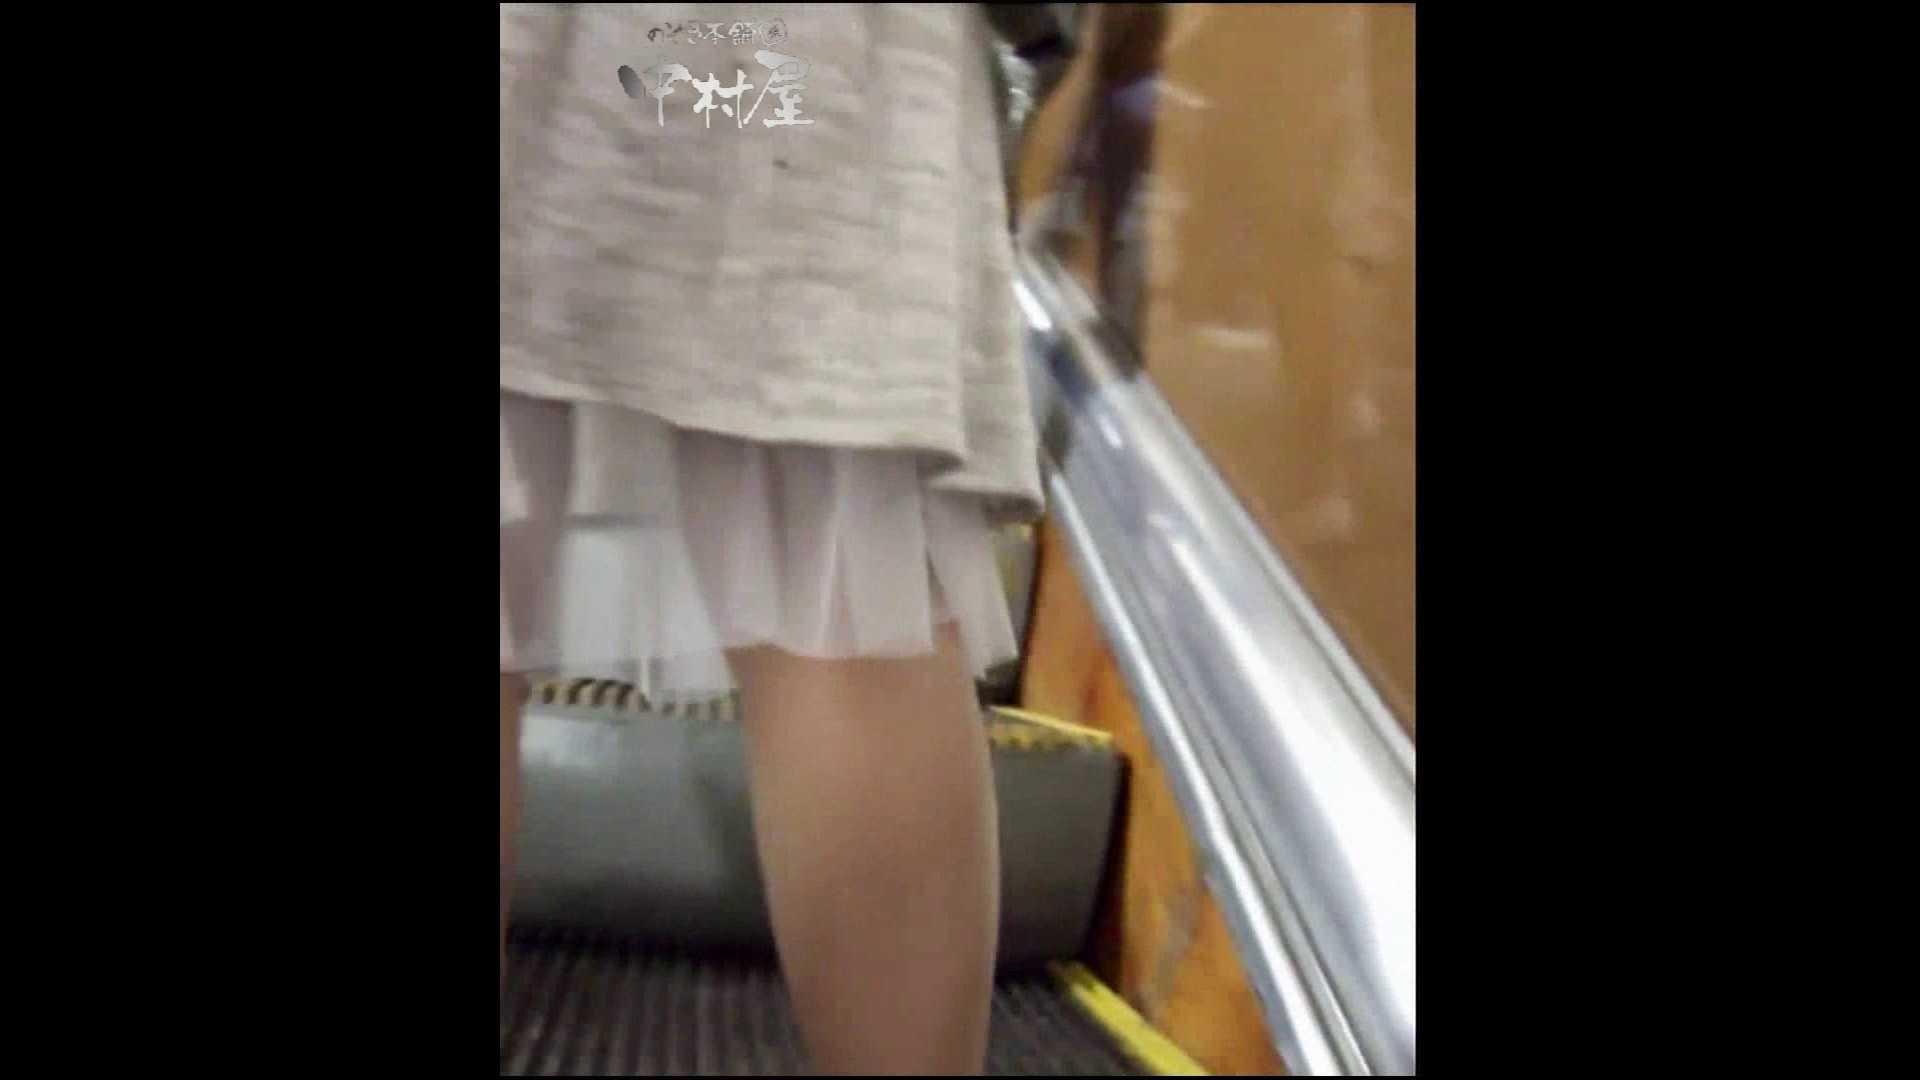 綺麗なモデルさんのスカート捲っちゃおう‼ vol23 お姉さん  55連発 35